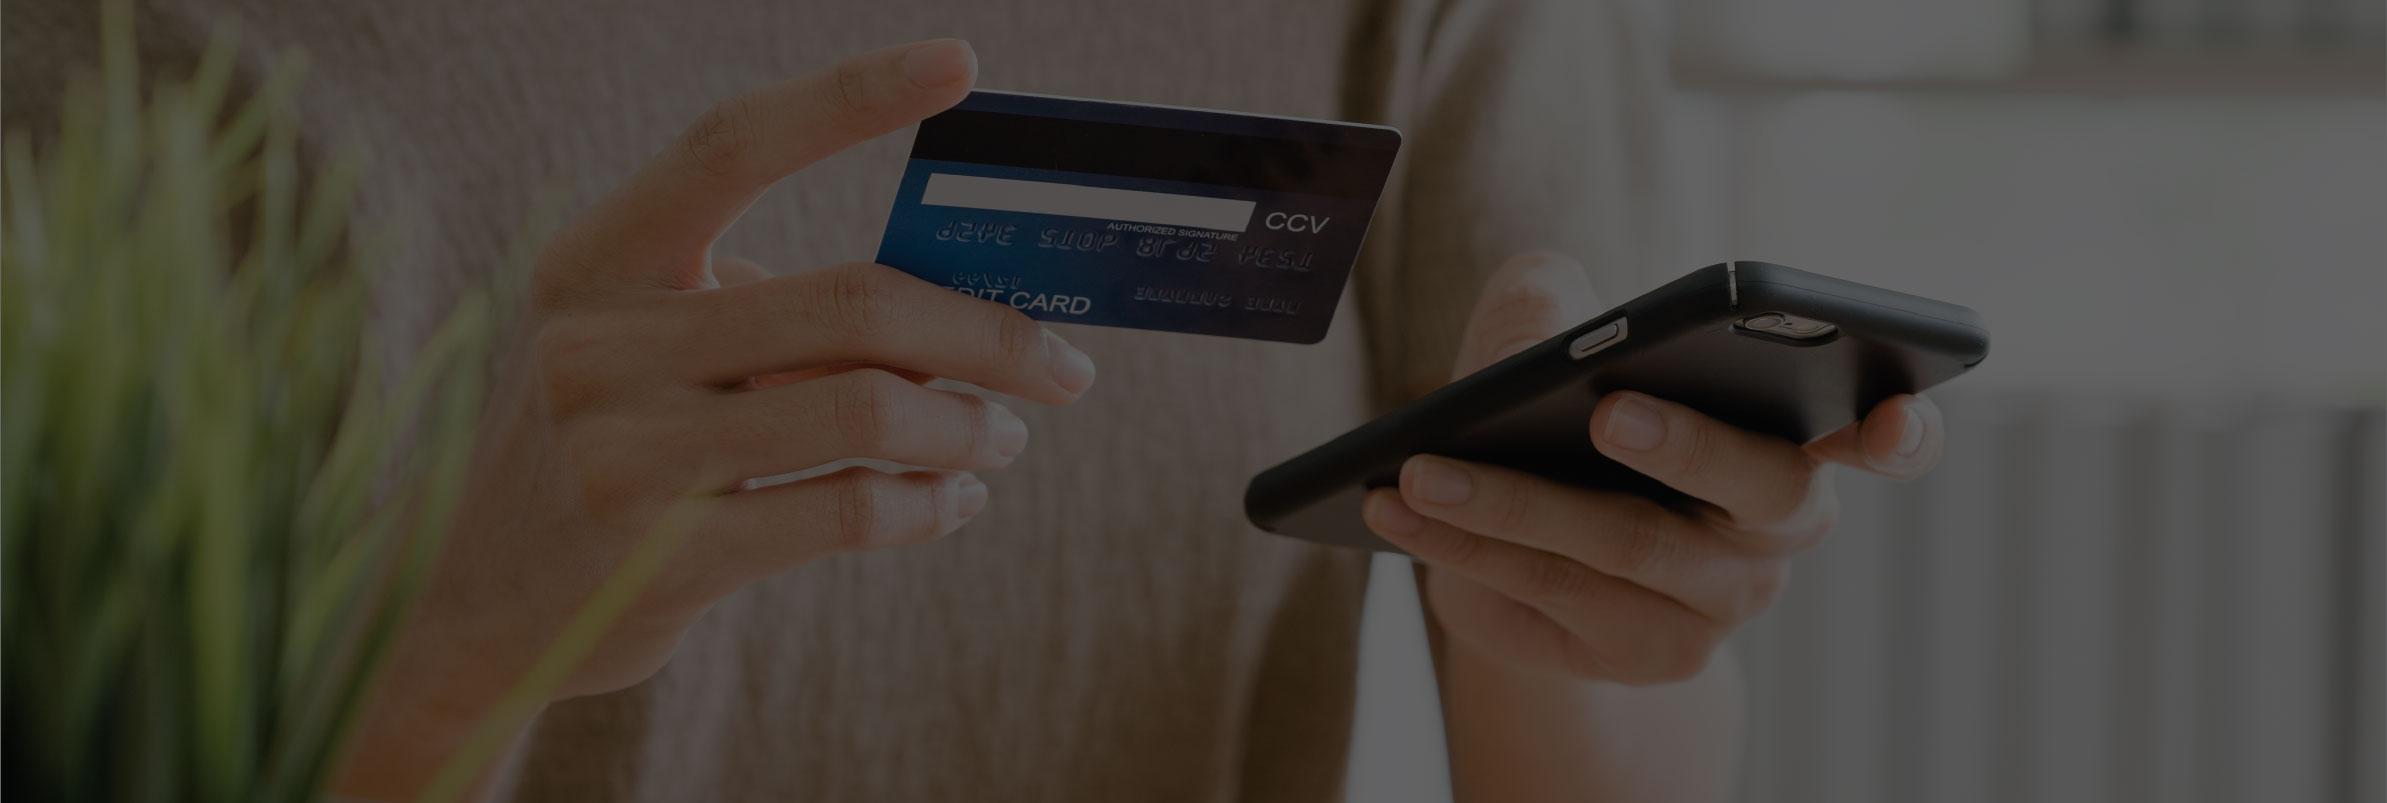 Wavelabs Bank UX Design